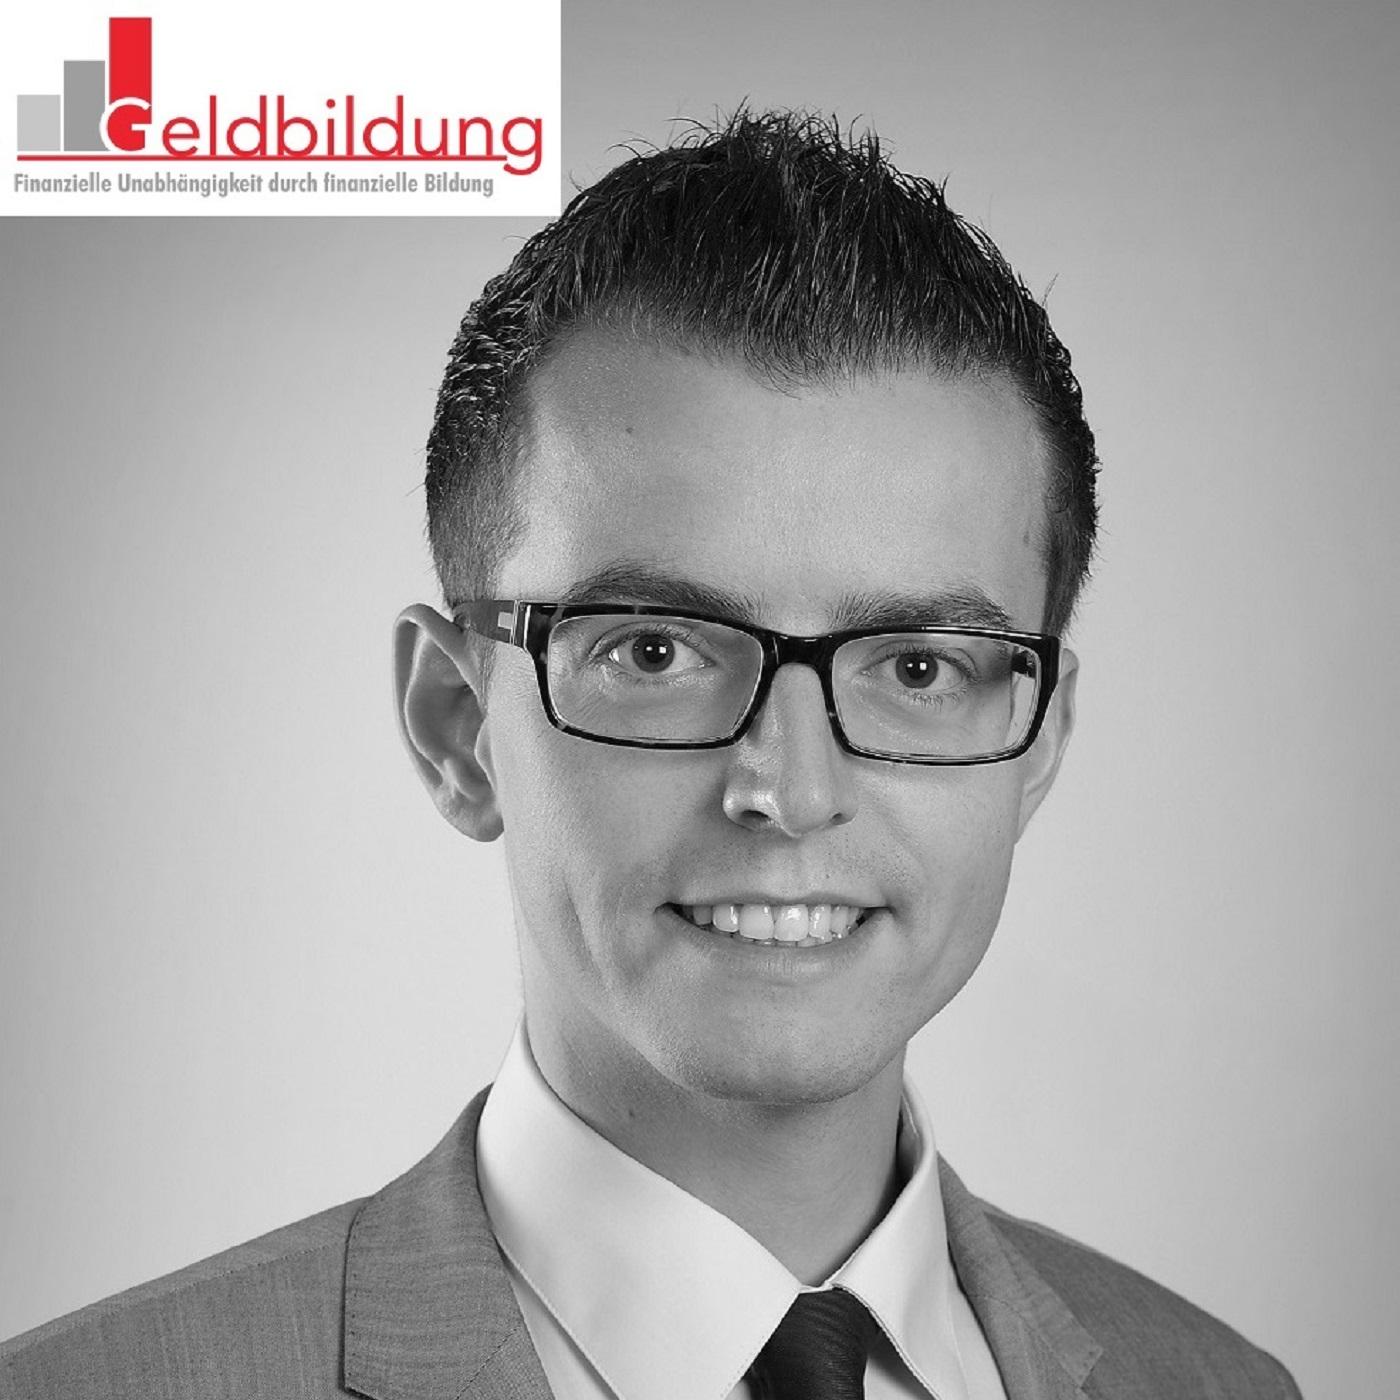 Vorstellung Geldbildung.de und Einführung in den Finanzmarkt